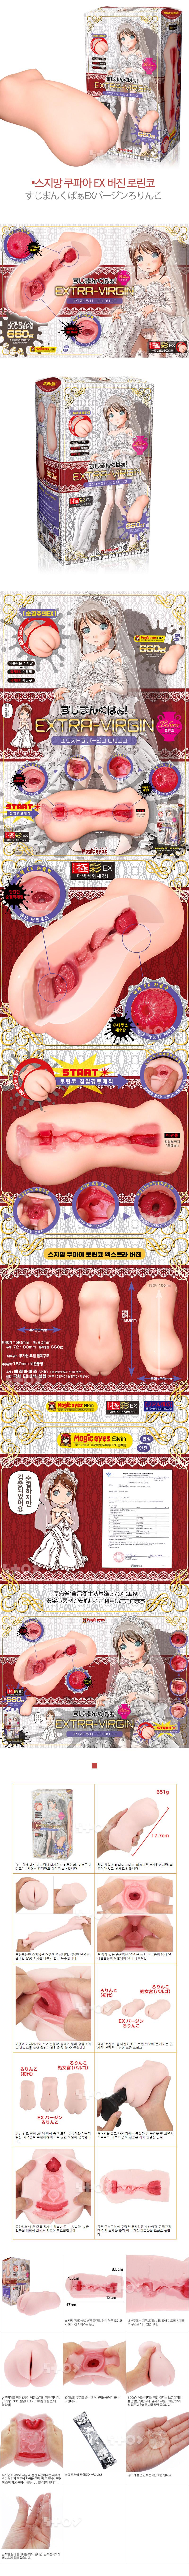 [매직아이즈] 스지망 쿠파 EX 버진 로린코